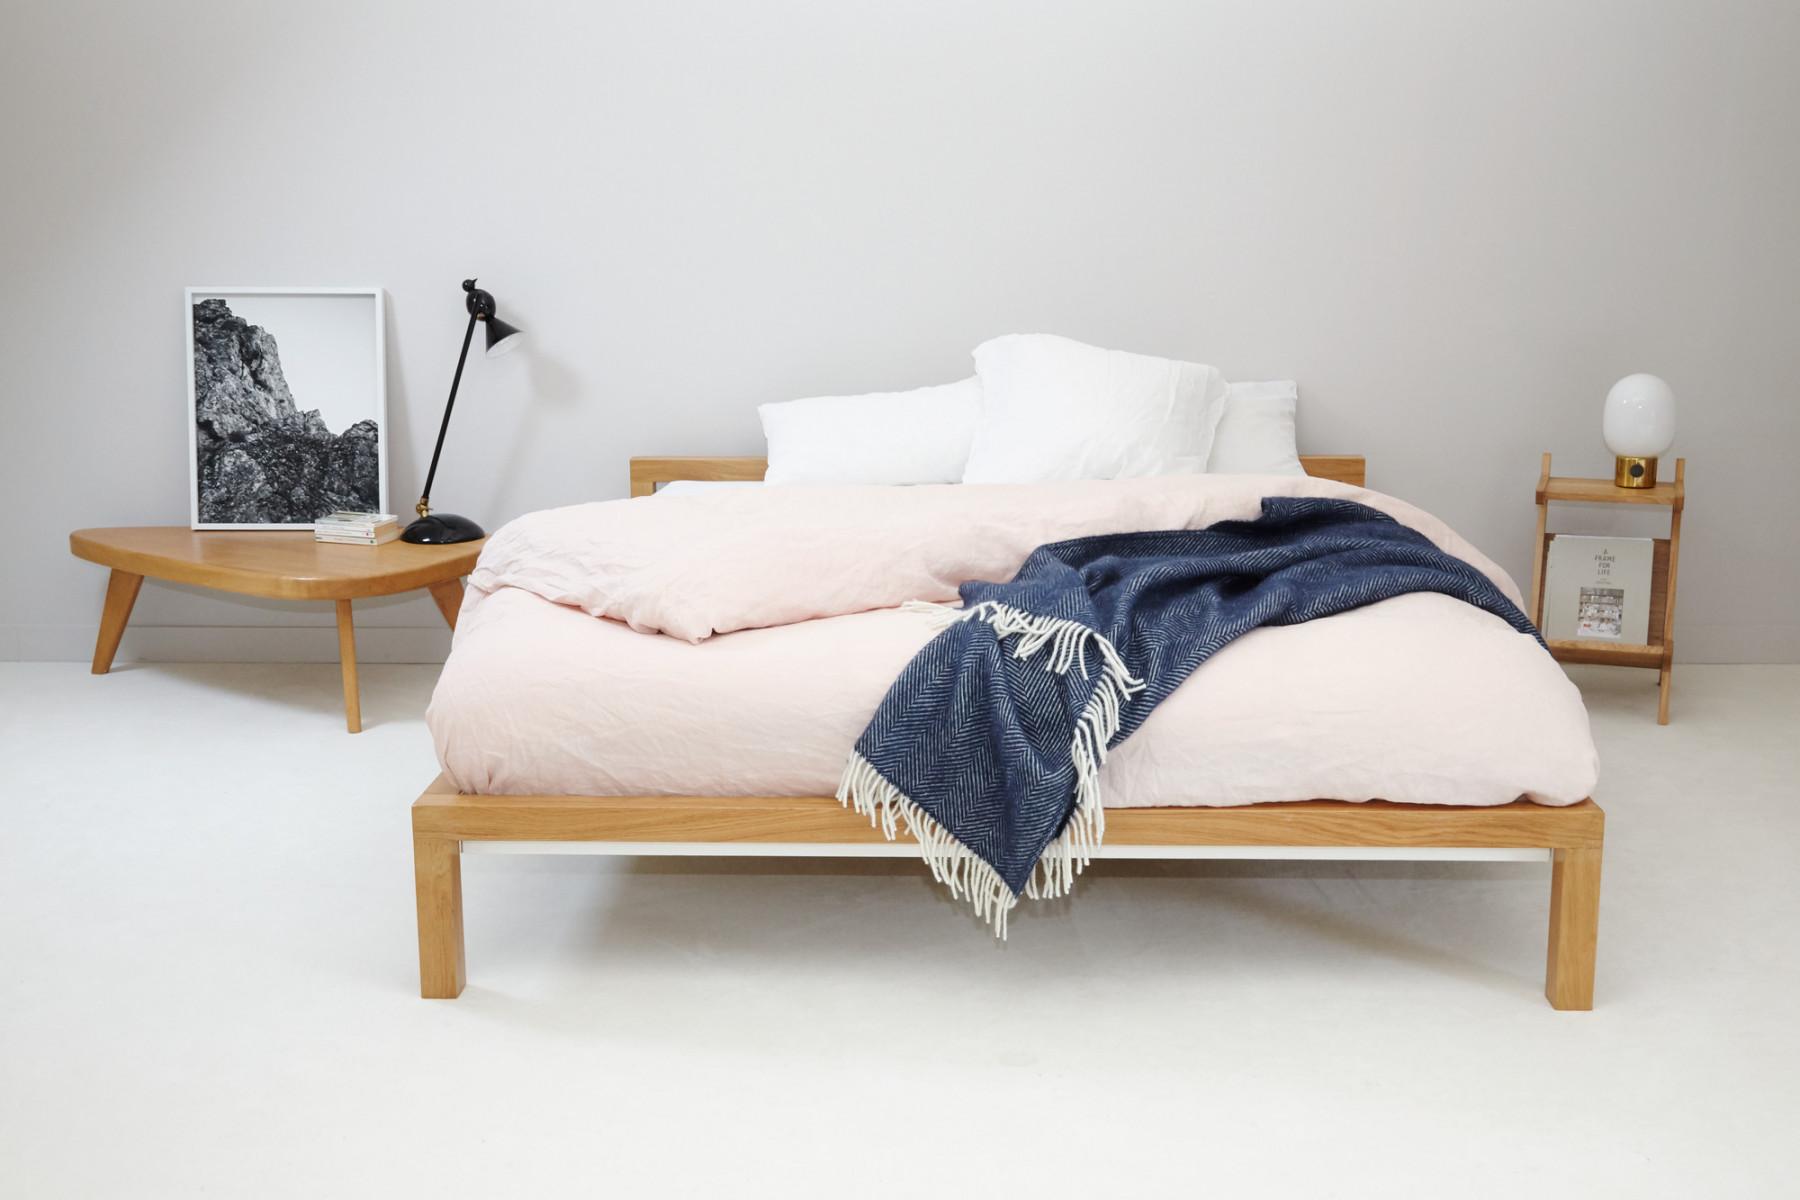 Full Size of Bett Massiv Pure Eiche 180 200 Cm Hans Hansen Einrichten Designde Krankenhaus Mit Matratze Coole Betten Holz Bette Badewannen Kaufen Ikea 160x200 Ottoversand Bett Bett Massiv